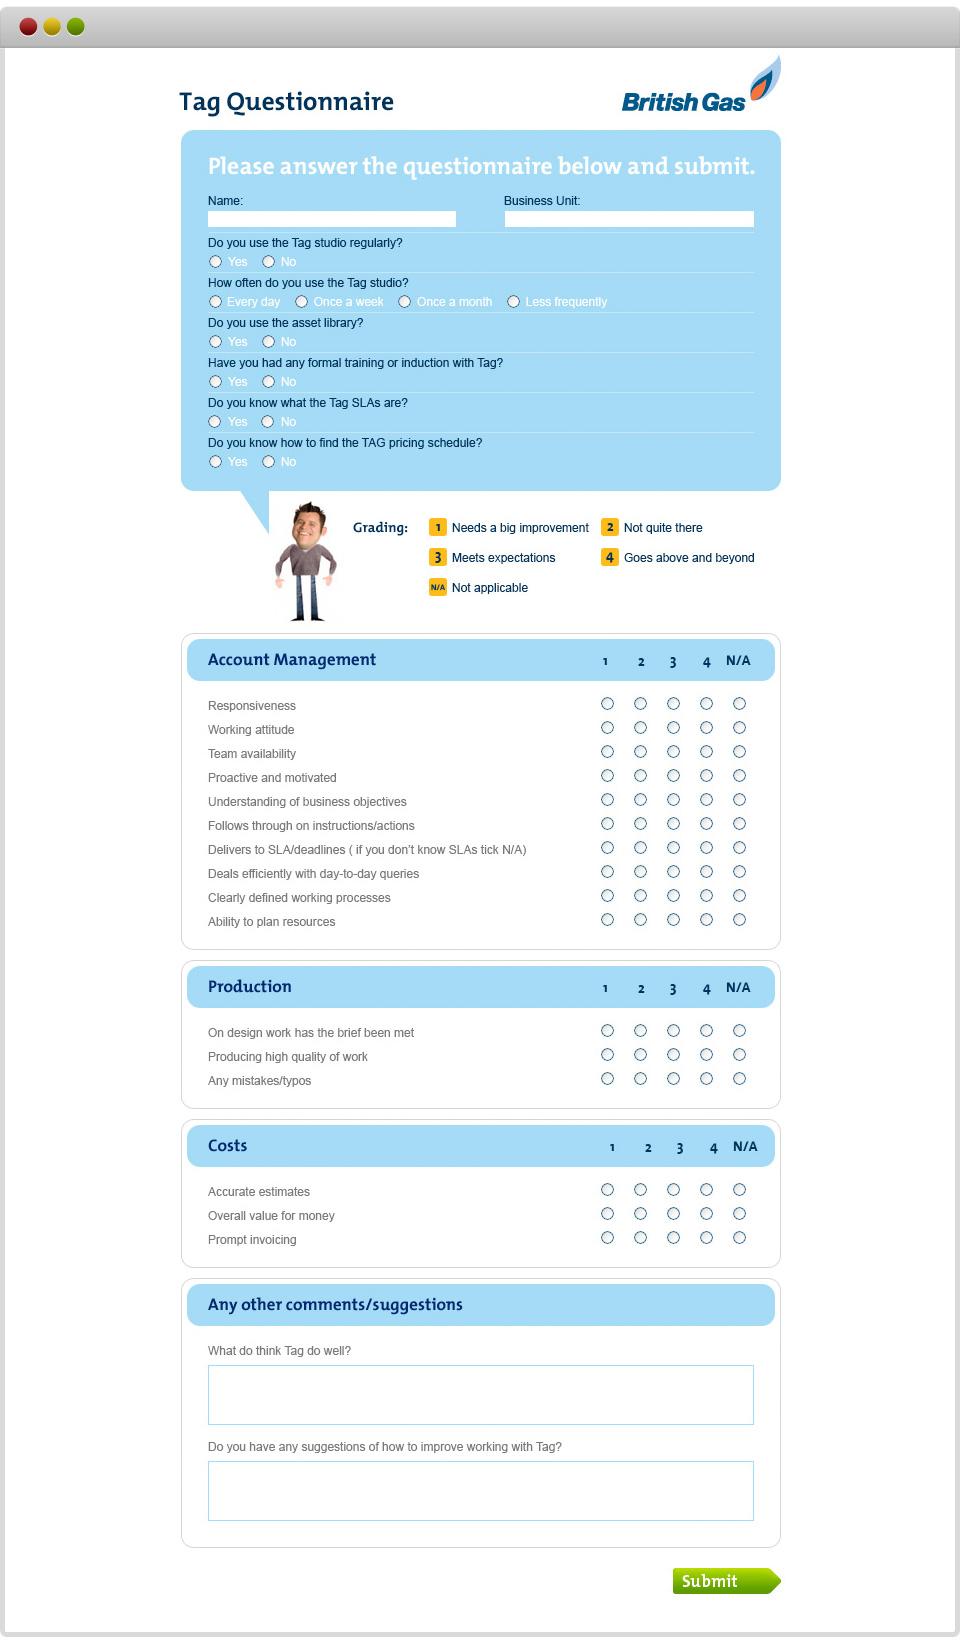 emailbg